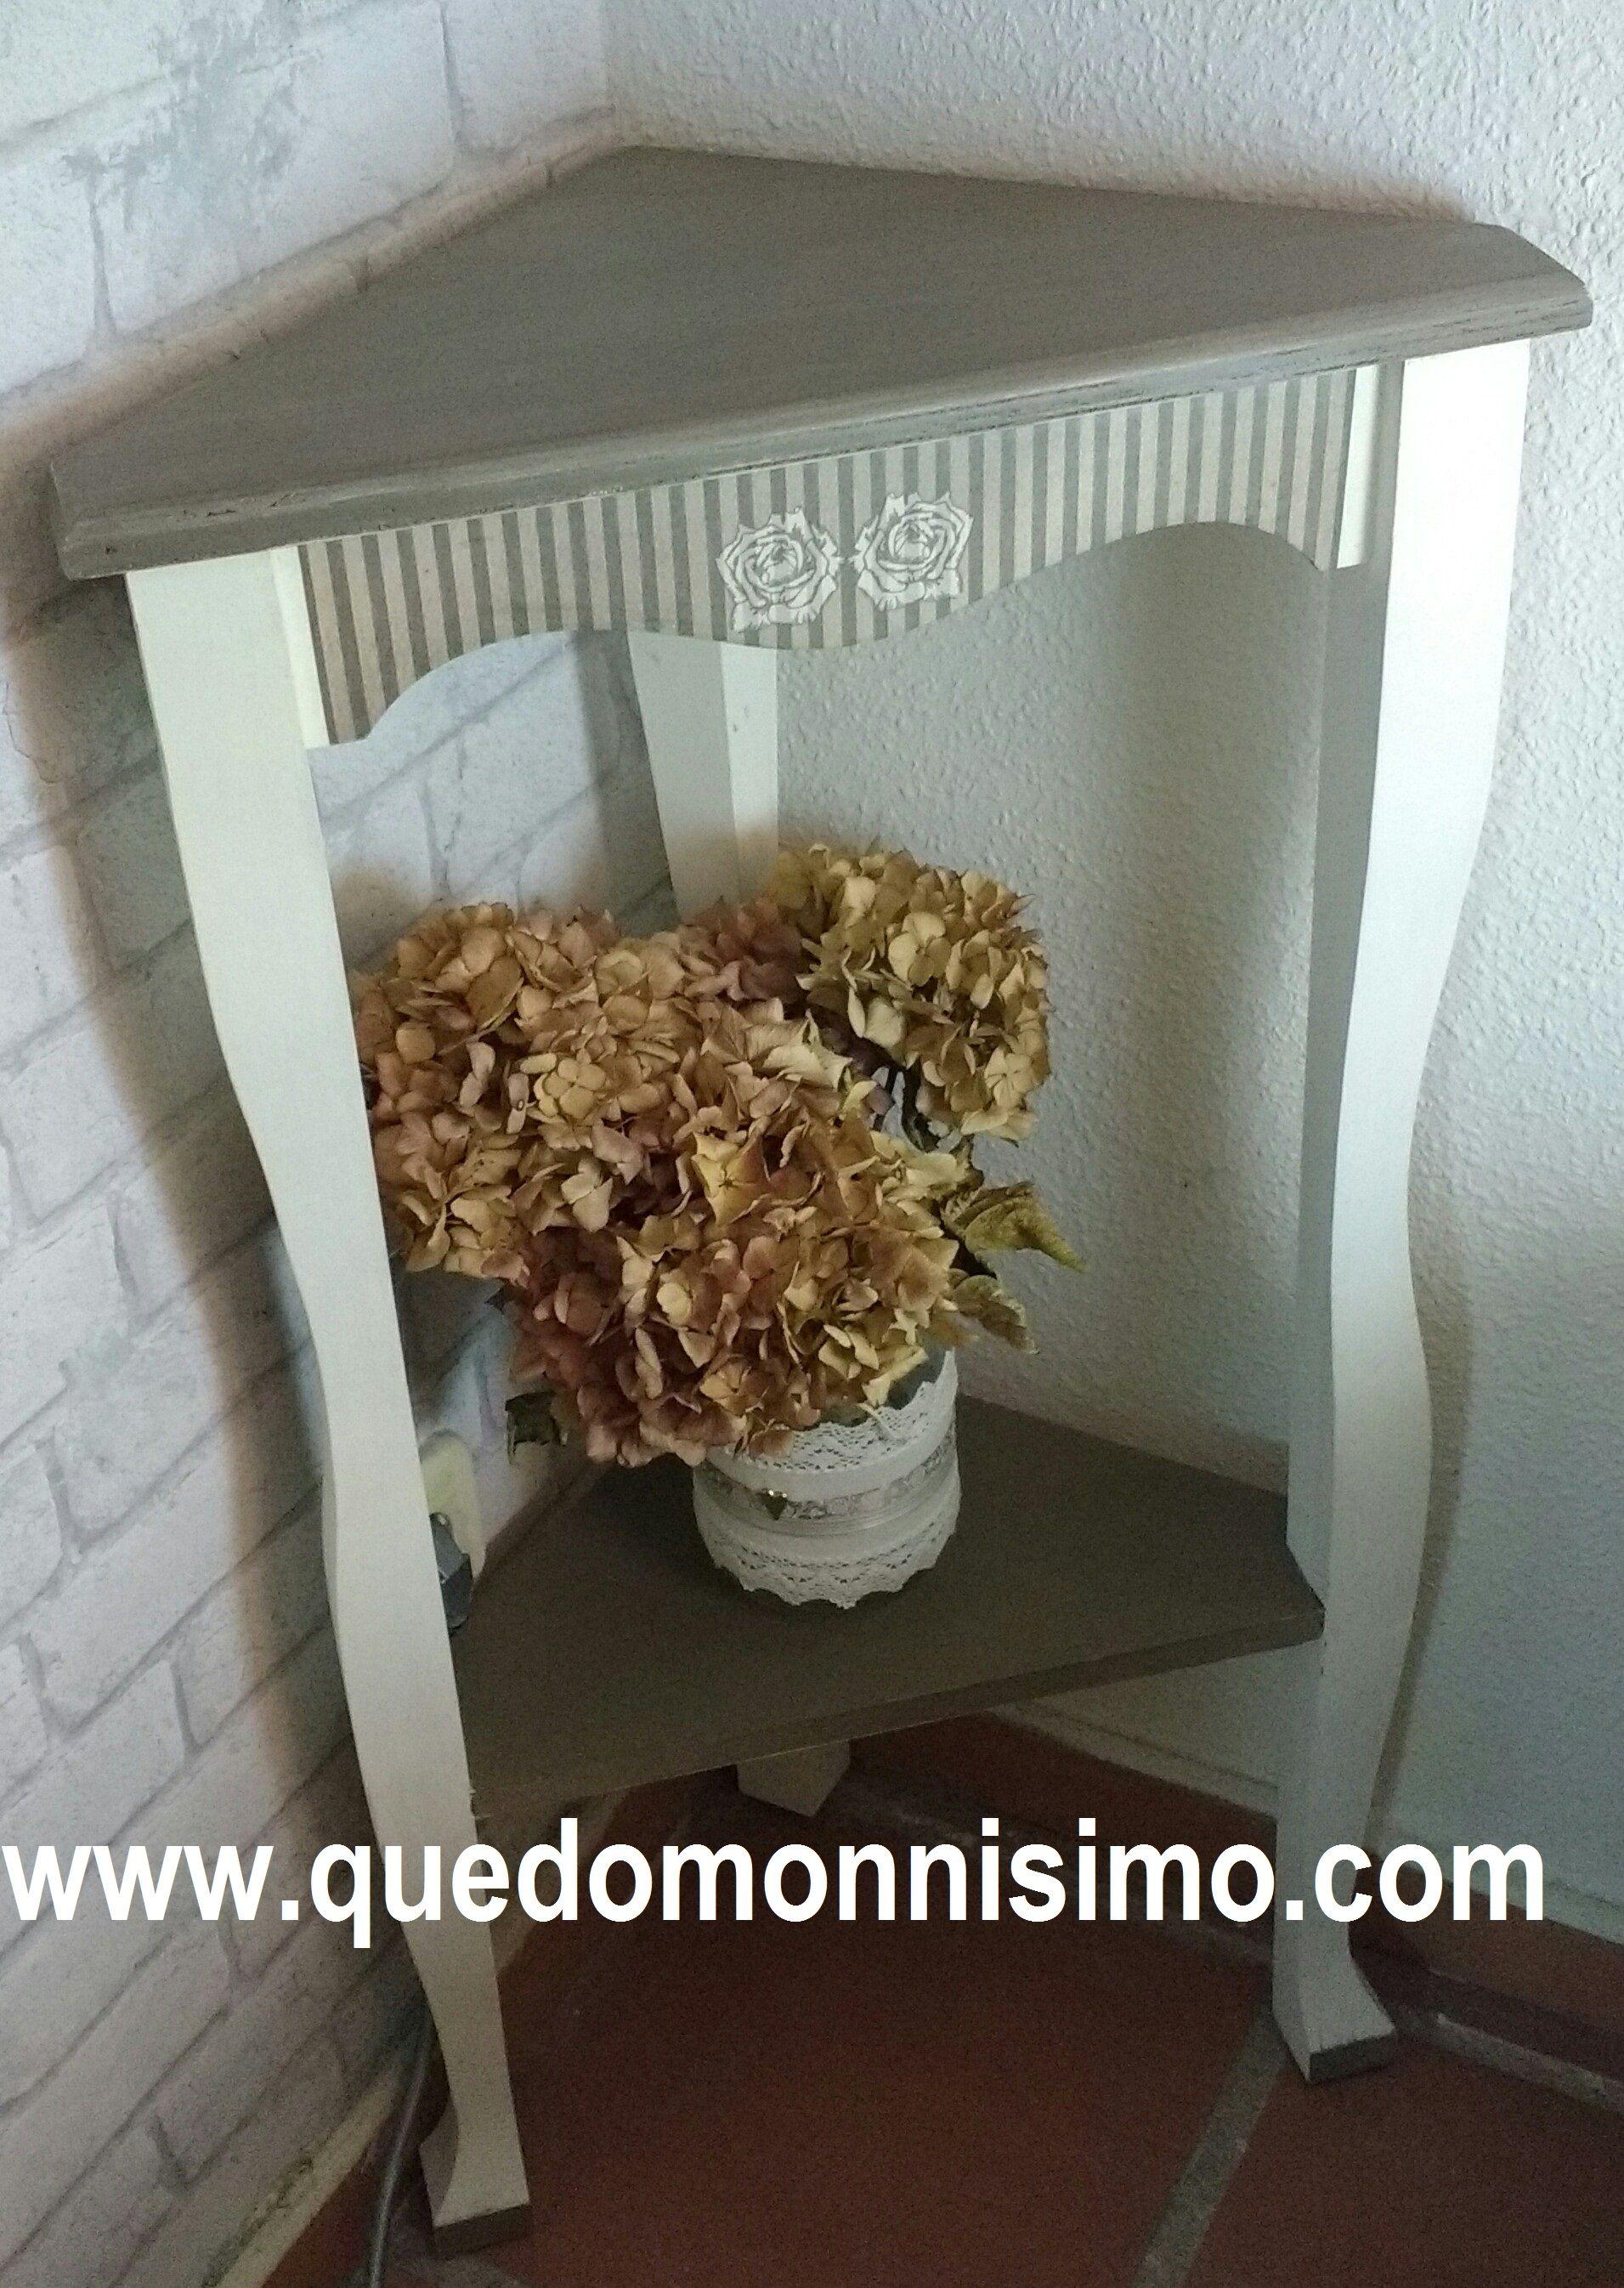 Mesa De Madera De Pino Sin Tratar Decorada Con Pintura A La Tiza  # Muebles Sin Tratar